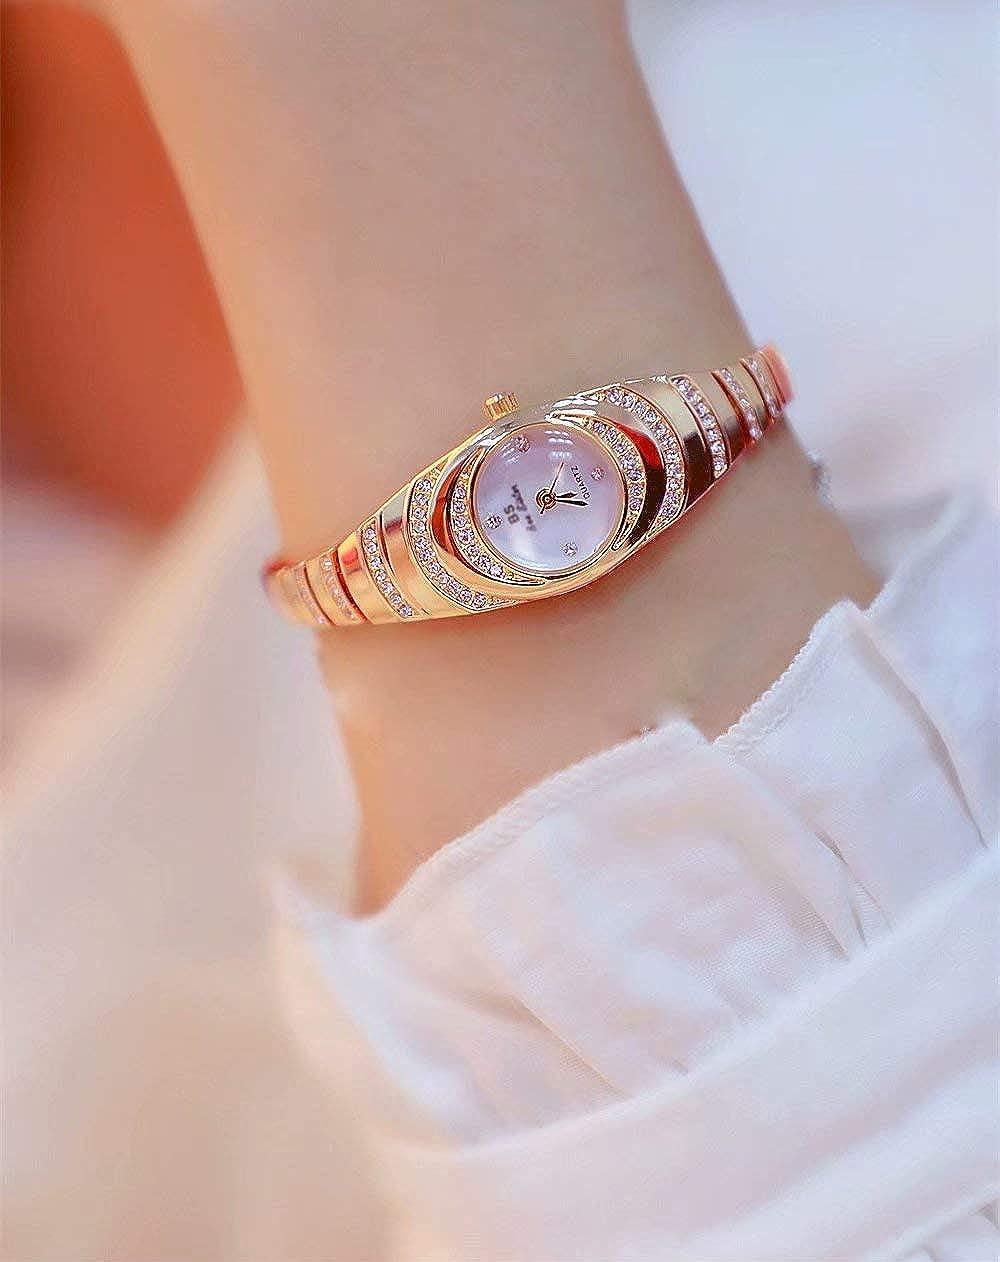 Big Bargain Store Reloj de Pulsera de Diamantes Elegante para Mujer Reloj de Pulsera de Perlas de Cuarzo para Mujer de Moda Golden